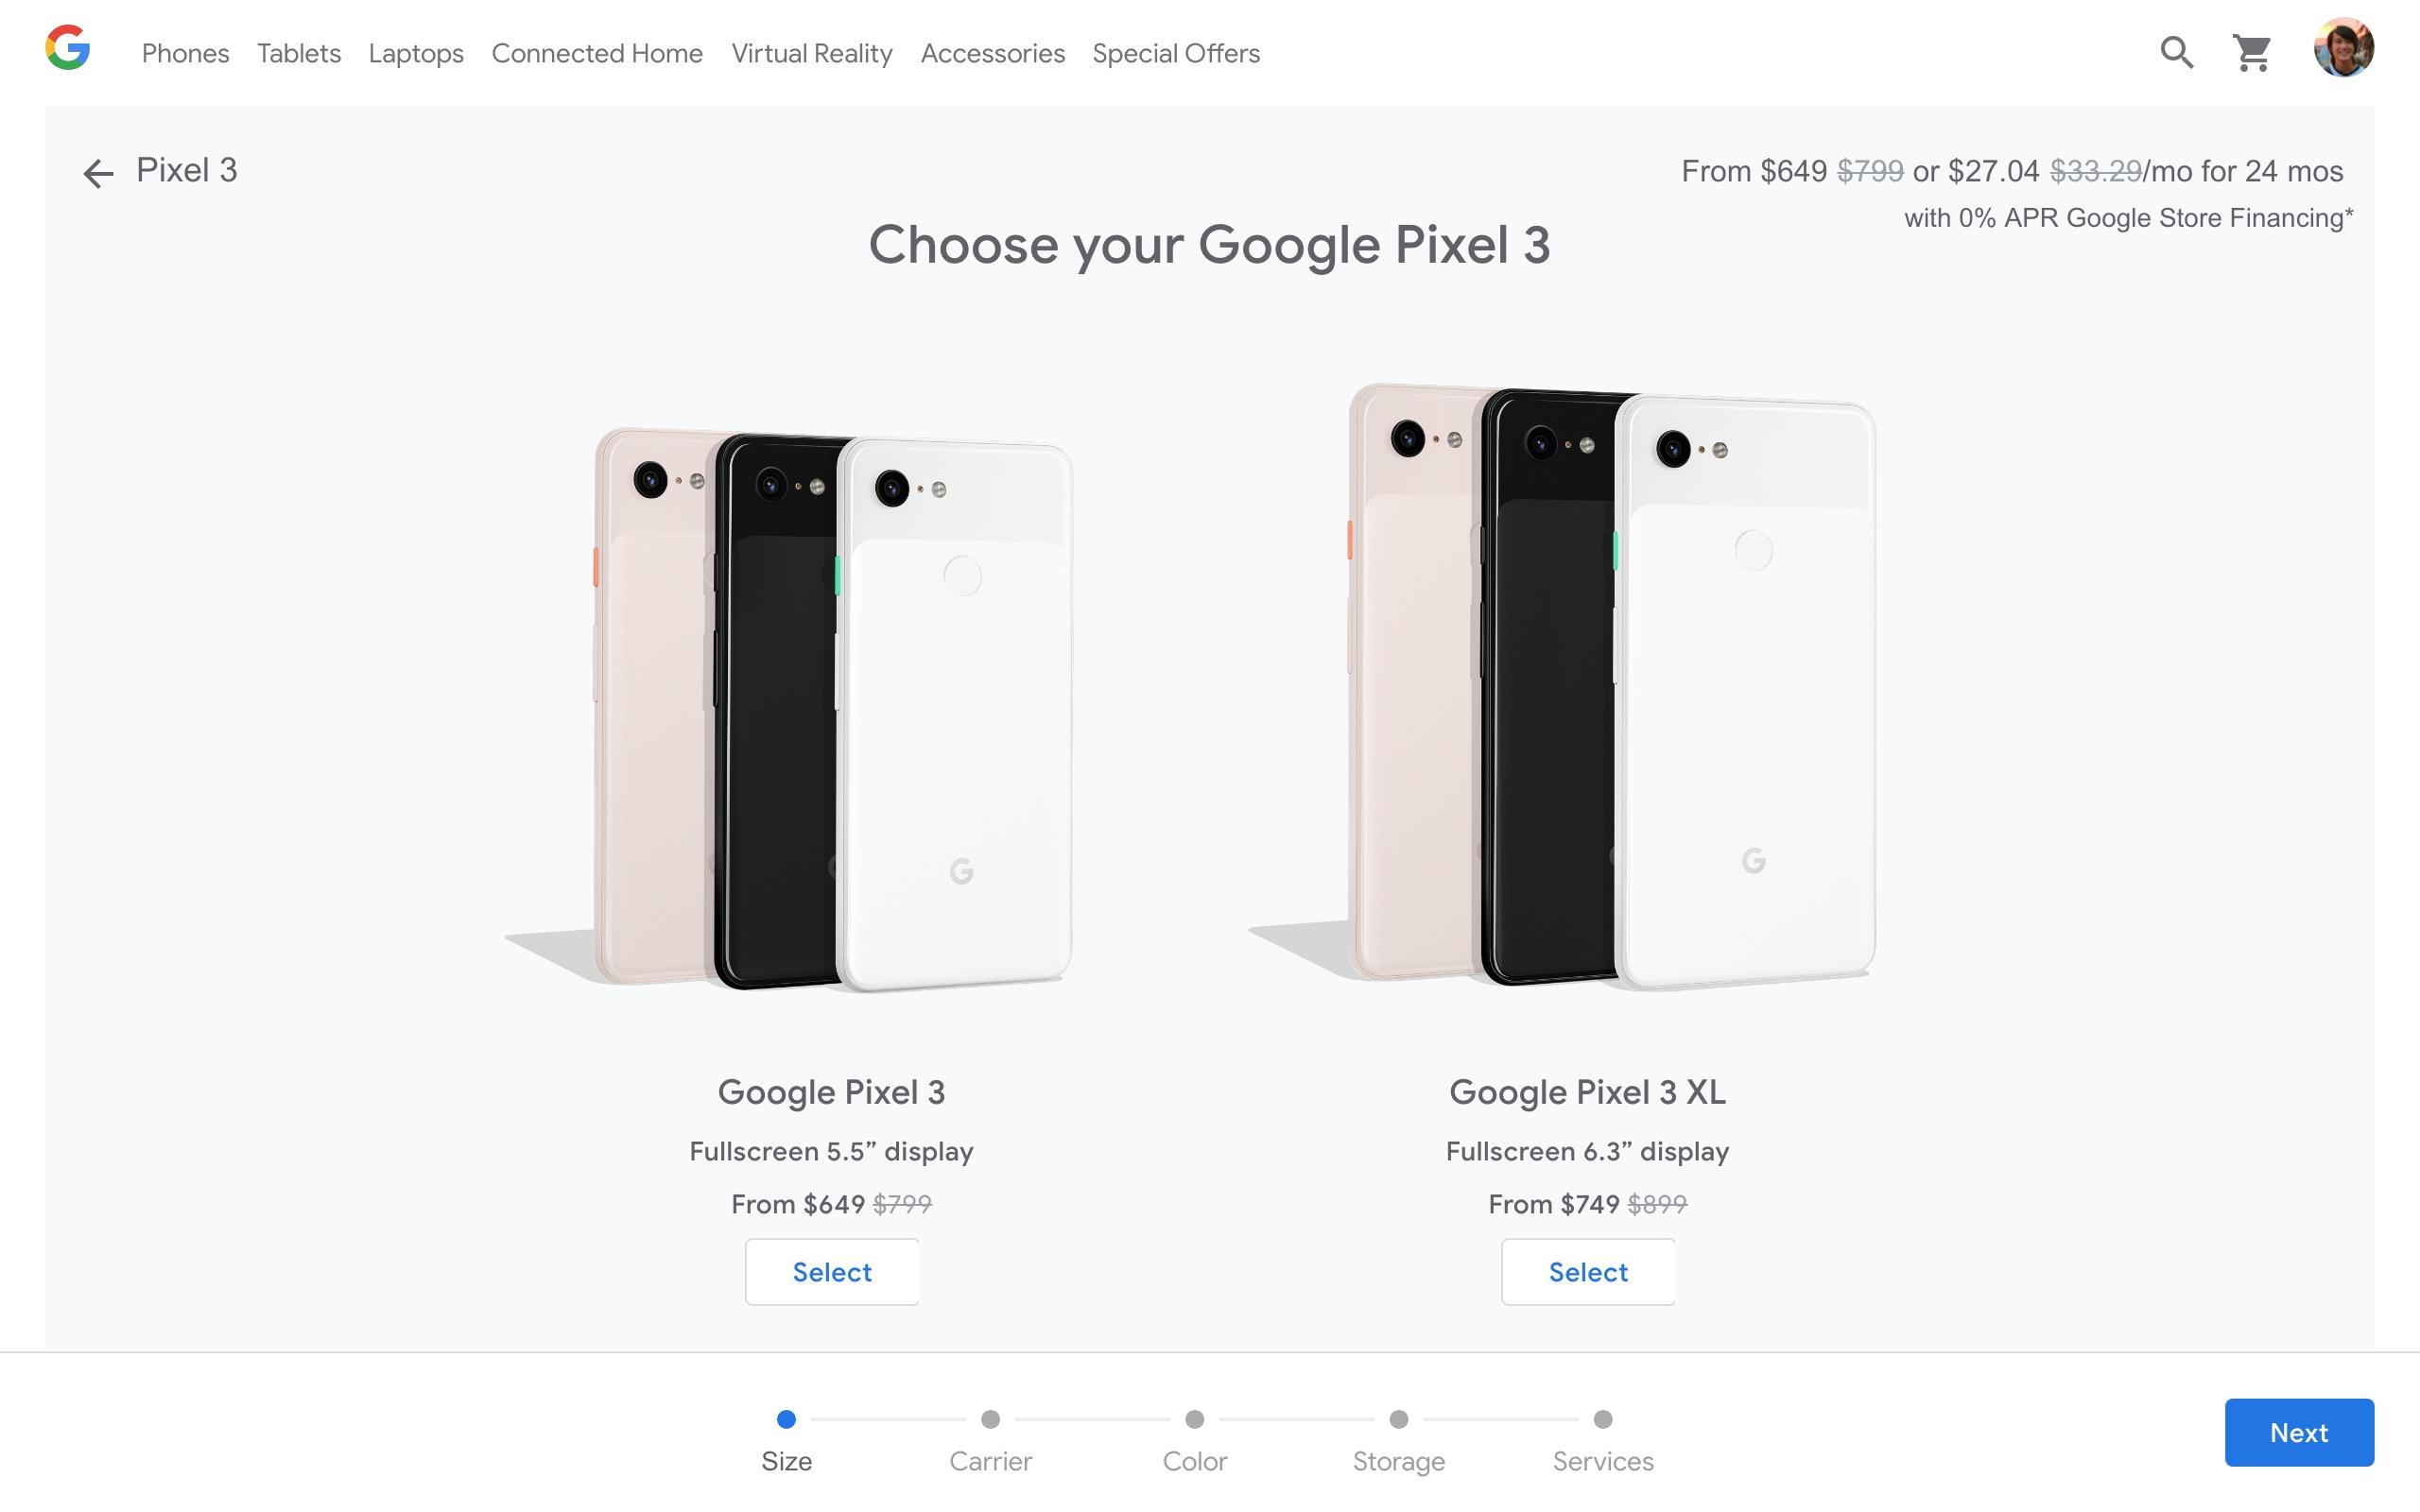 Google Store Und Google Fi Rabatt Für Pixel 3 Pixel 3 Xl Um 150 Us